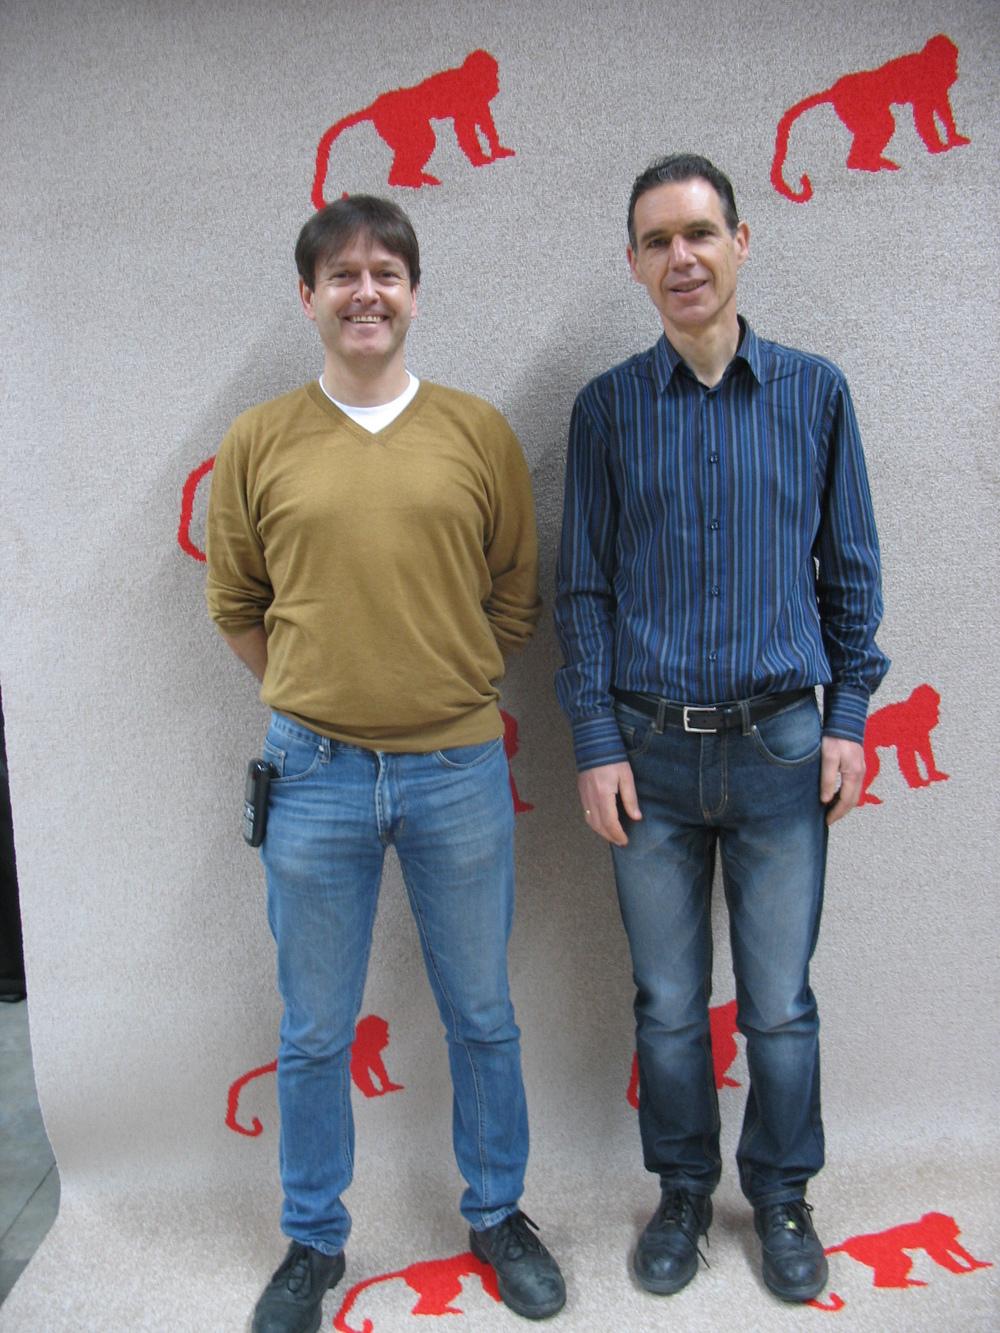 Jim Lippens (links) en zijn collega Marc Verhasselt (plant manager weverij,rechts)